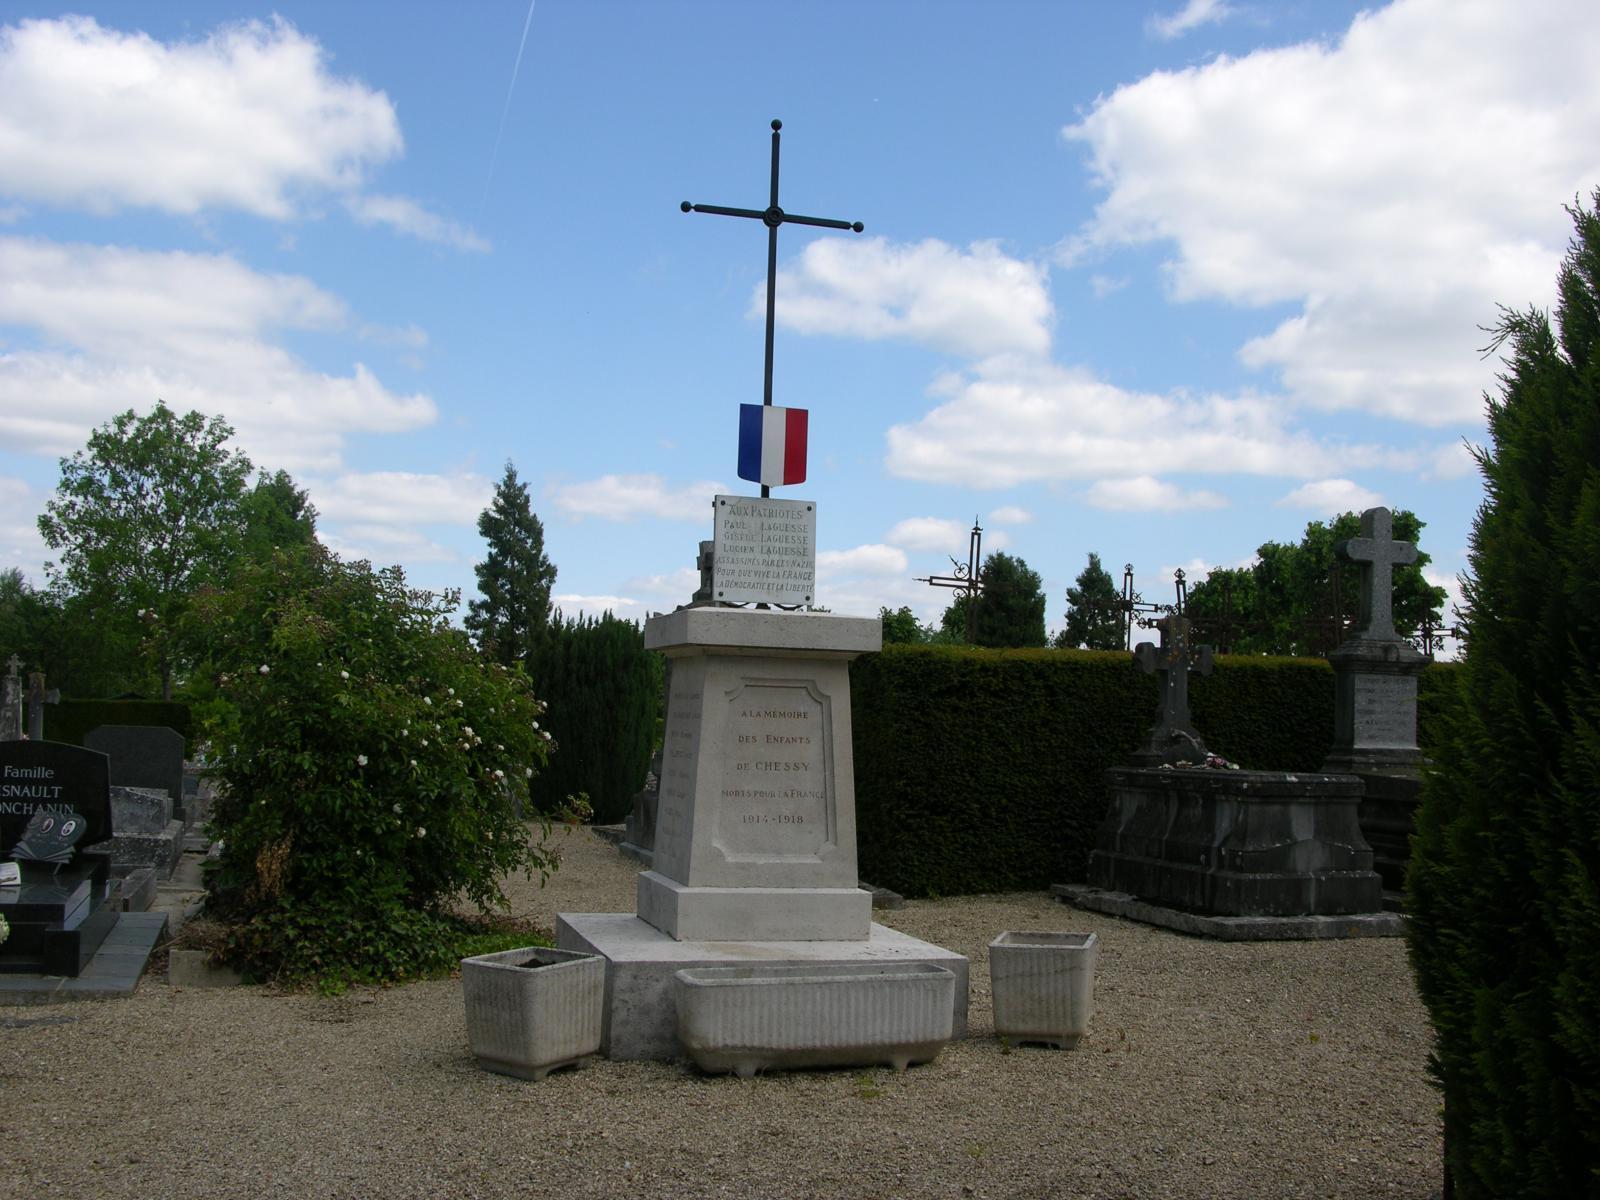 Monument chessy les monuments aux morts - La table de chessy ...